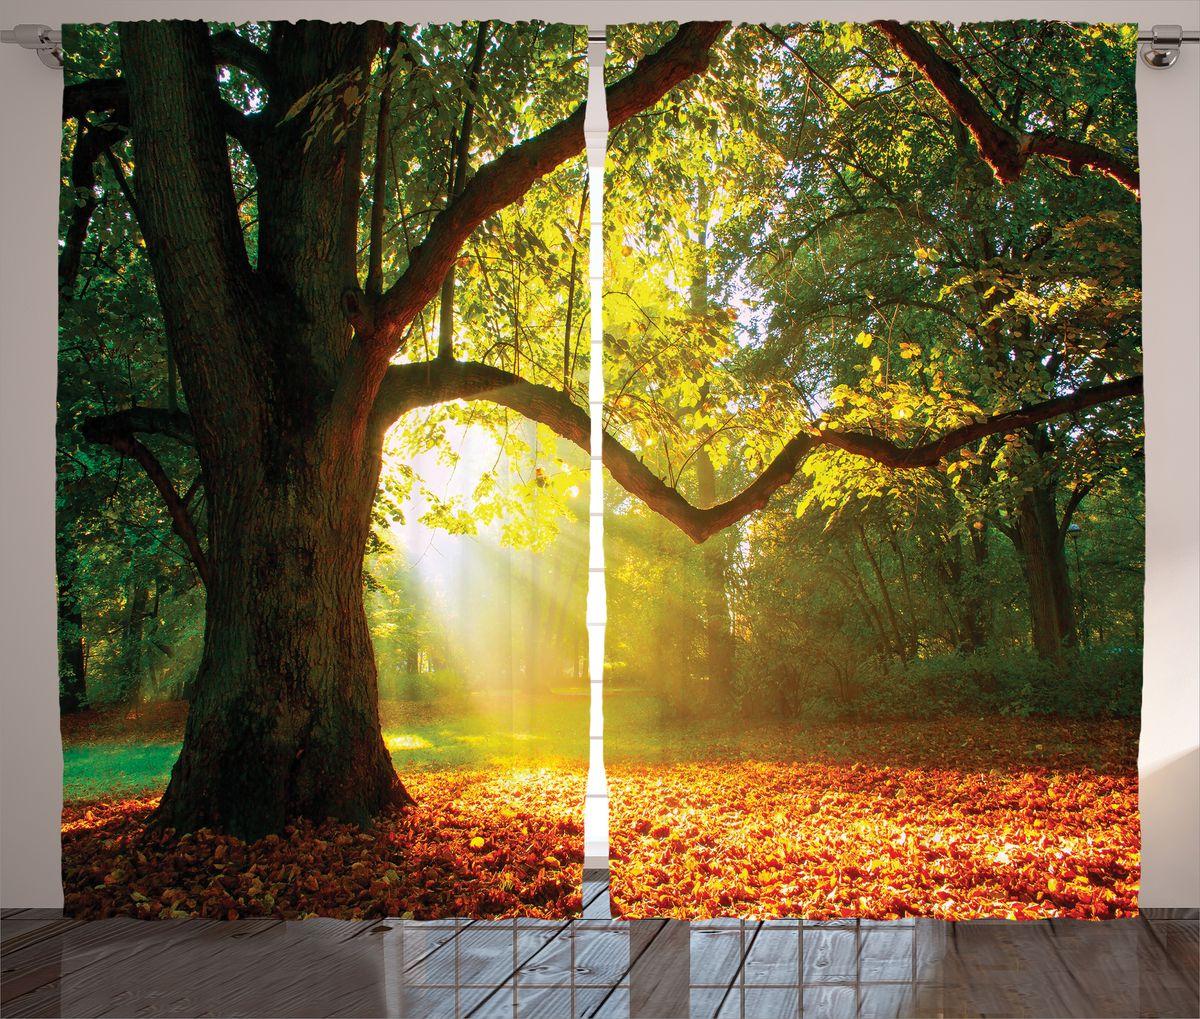 Комплект фотоштор Magic Lady Старое дерево в солнечном свете, на ленте, высота 265 см. шсг_16589790009Компания Сэмболь изготавливает шторы из высококачественного сатена (полиэстер 100%). При изготовлении используются специальные гипоаллергенные чернила для прямой печати по ткани, безопасные для человека и животных. Экологичность продукции Magic lady и безопасность для окружающей среды подтверждены сертификатом Oeko-Tex Standard 100. Крепление: крючки для крепления на шторной ленте (50 шт). Возможно крепление на трубу. Внимание! При нанесении сублимационной печати на ткань технологическим методом при температуре 240°С, возможно отклонение полученных размеров (указанных на этикетке и сайте) от стандартных на + - 3-5 см. Производитель старается максимально точно передать цвета изделия на фотографиях, однако искажения неизбежны и фактический цвет изделия может отличаться от воспринимаемого по фото. Обратите внимание! Шторы изготовлены из полиэстра сатенового переплетения, а не из сатина (хлопок). Размер одного полотна шторы: 145х265 см. В комплекте 2 полотна шторы и 50 крючков.